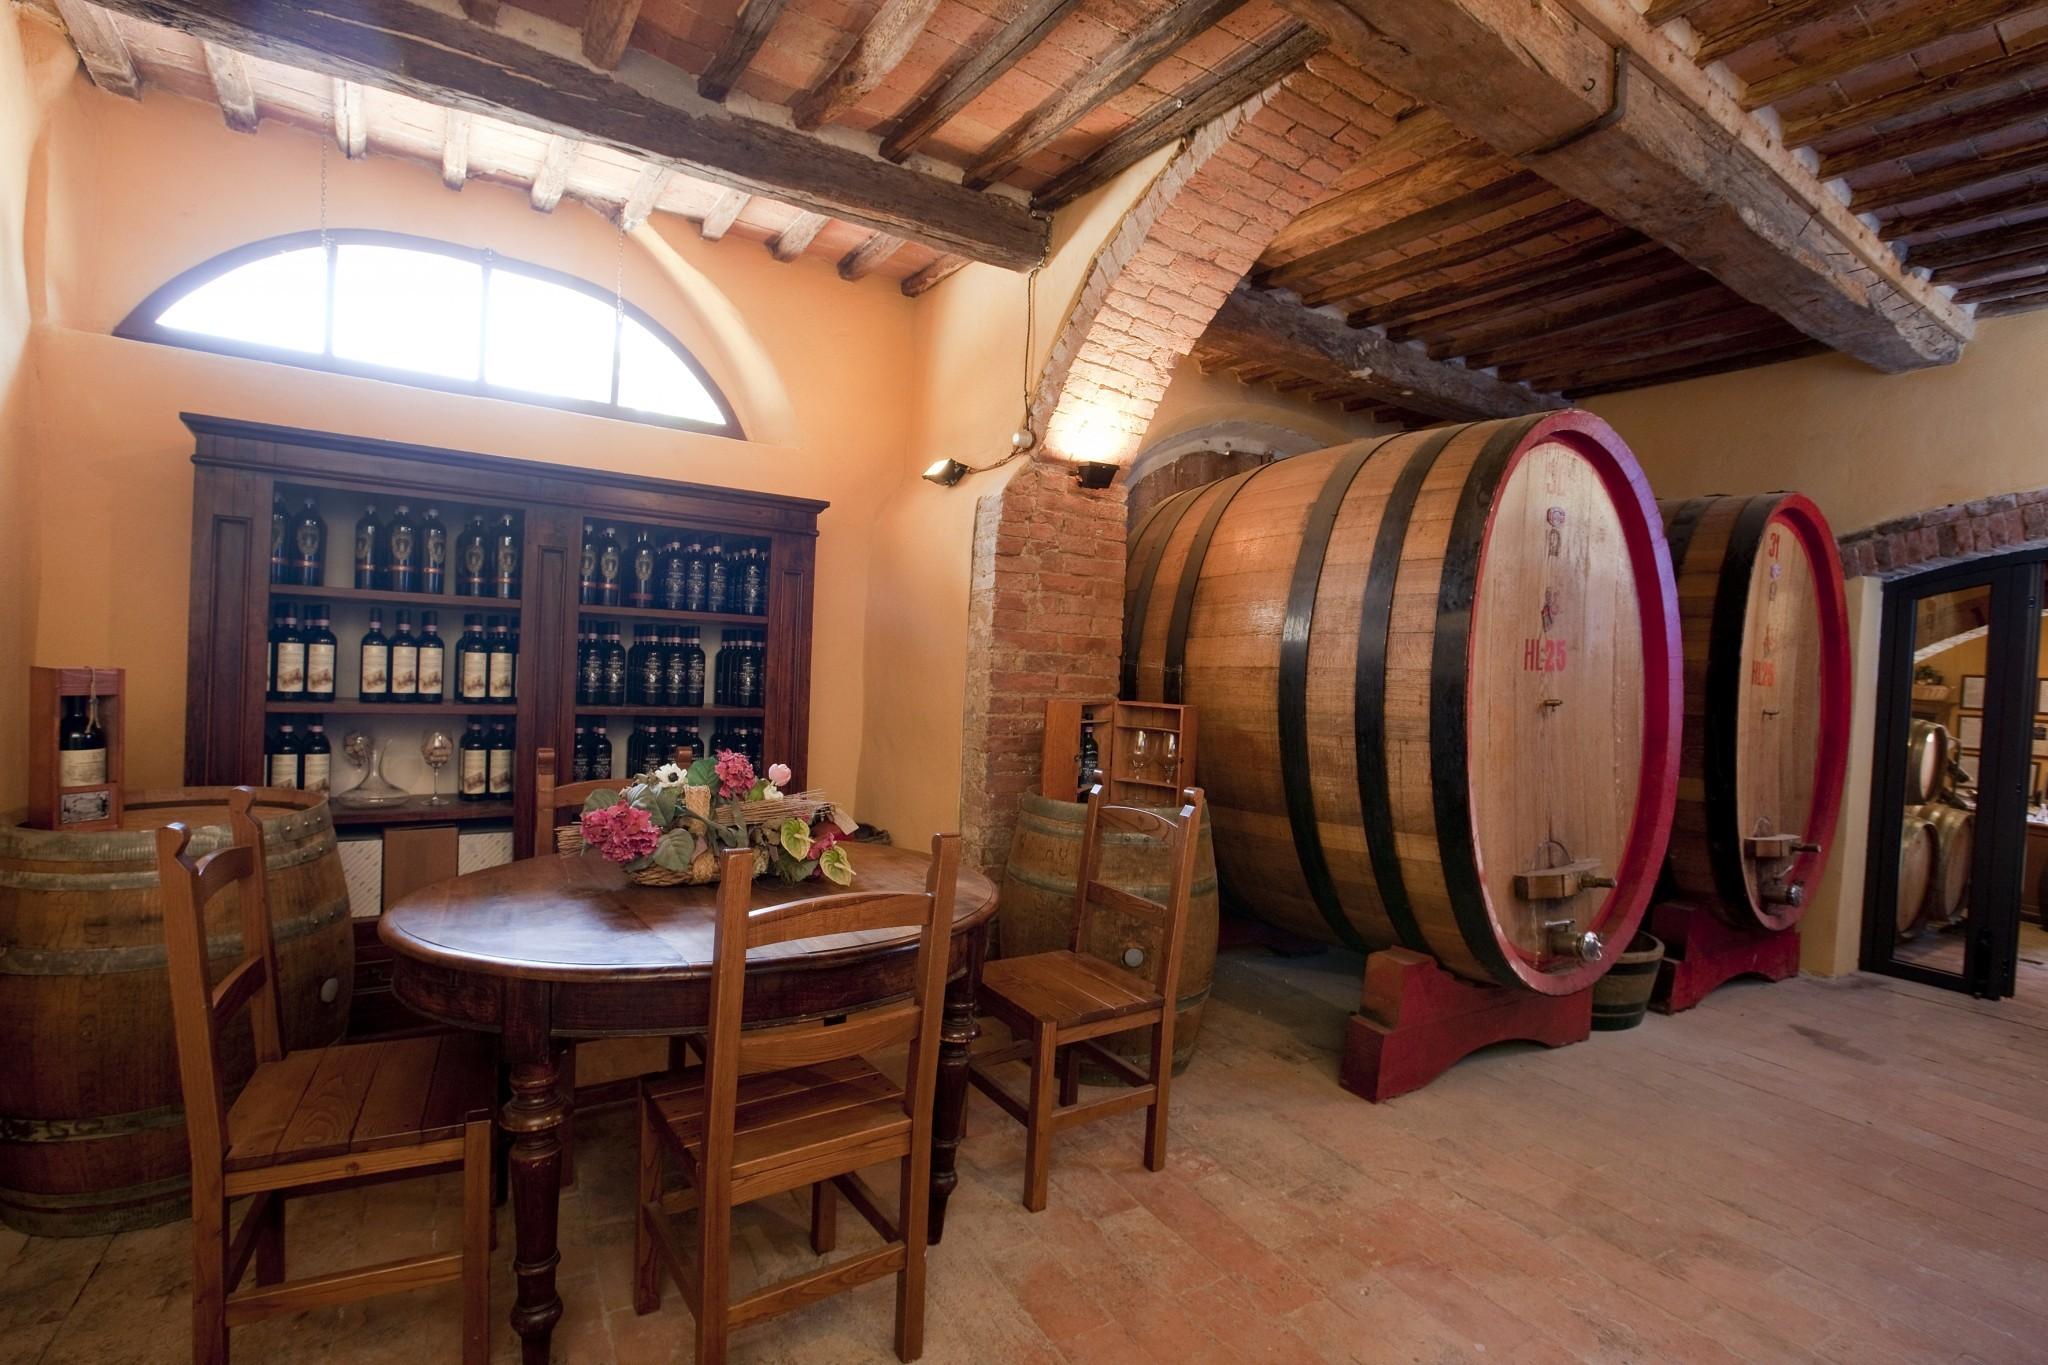 Matrimonio Vigneto Toscana : Degustazioni chianti toscana castel di pugna azienda